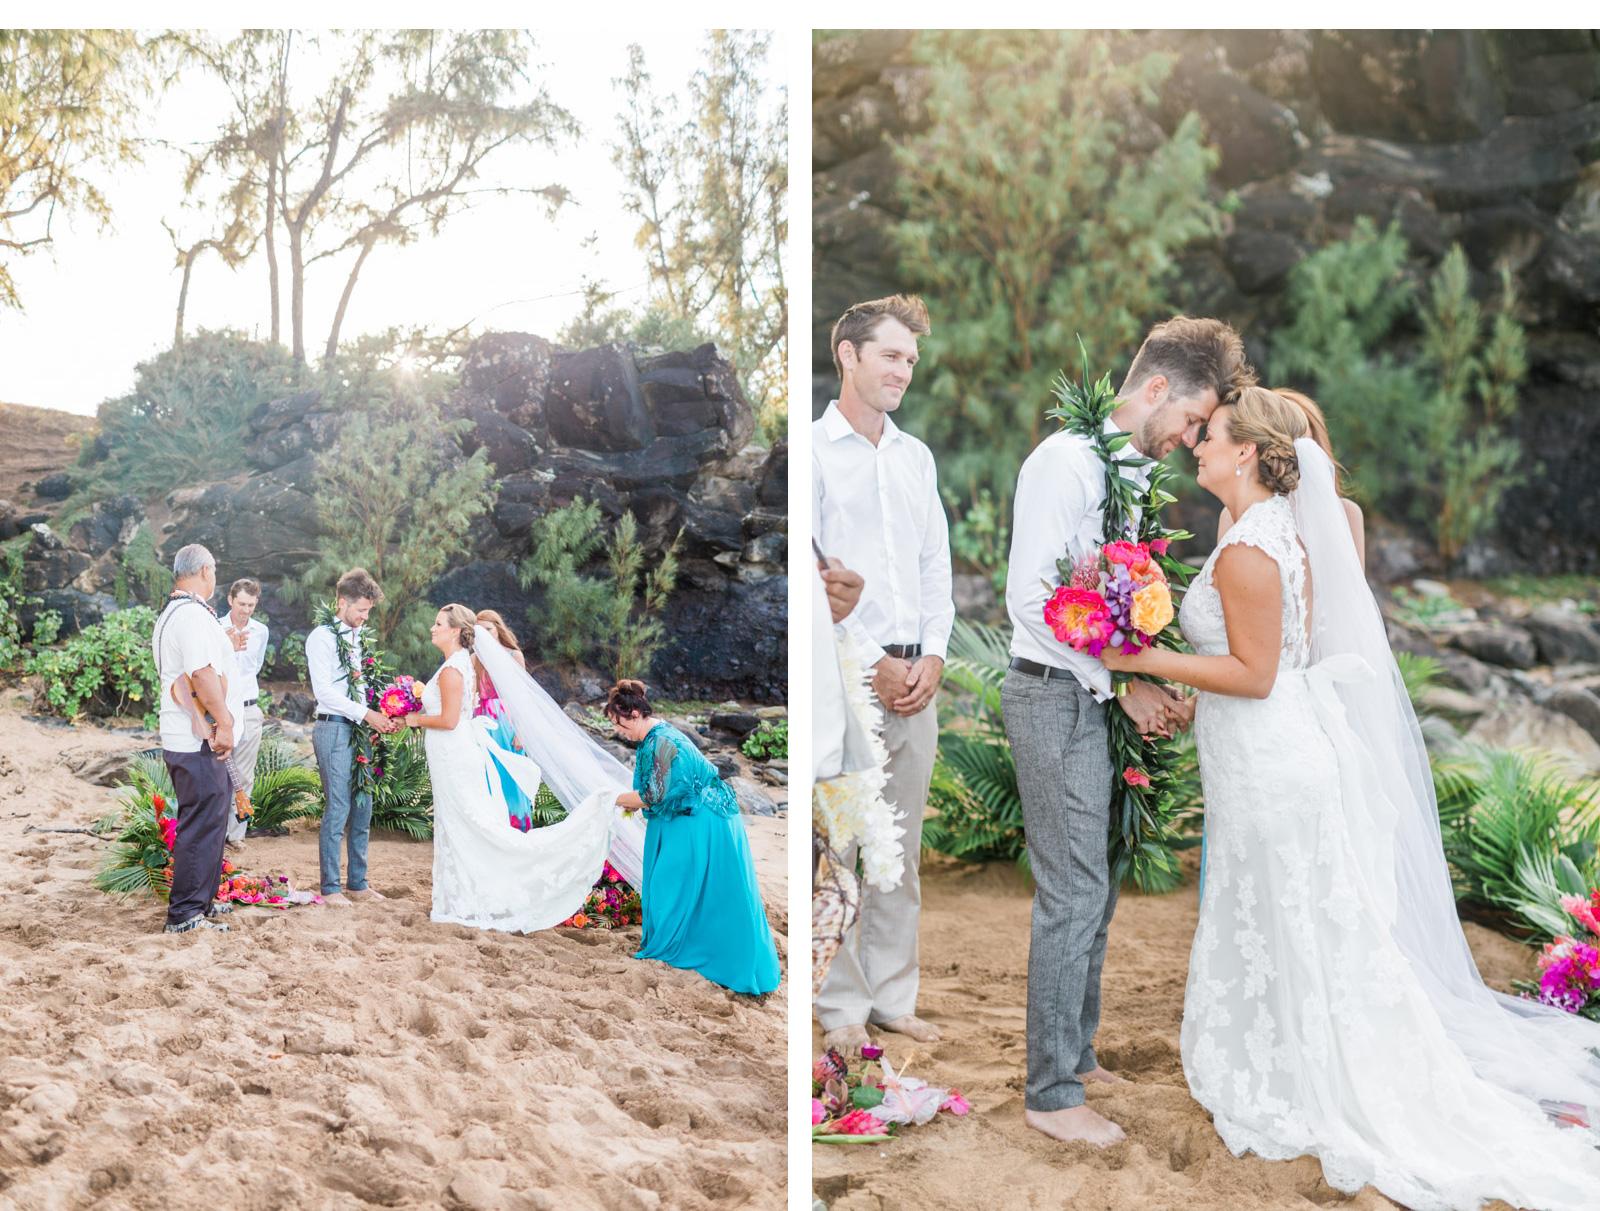 Natalie-Schutt-Photography--Maui-Wedding-Photographer_06.jpg